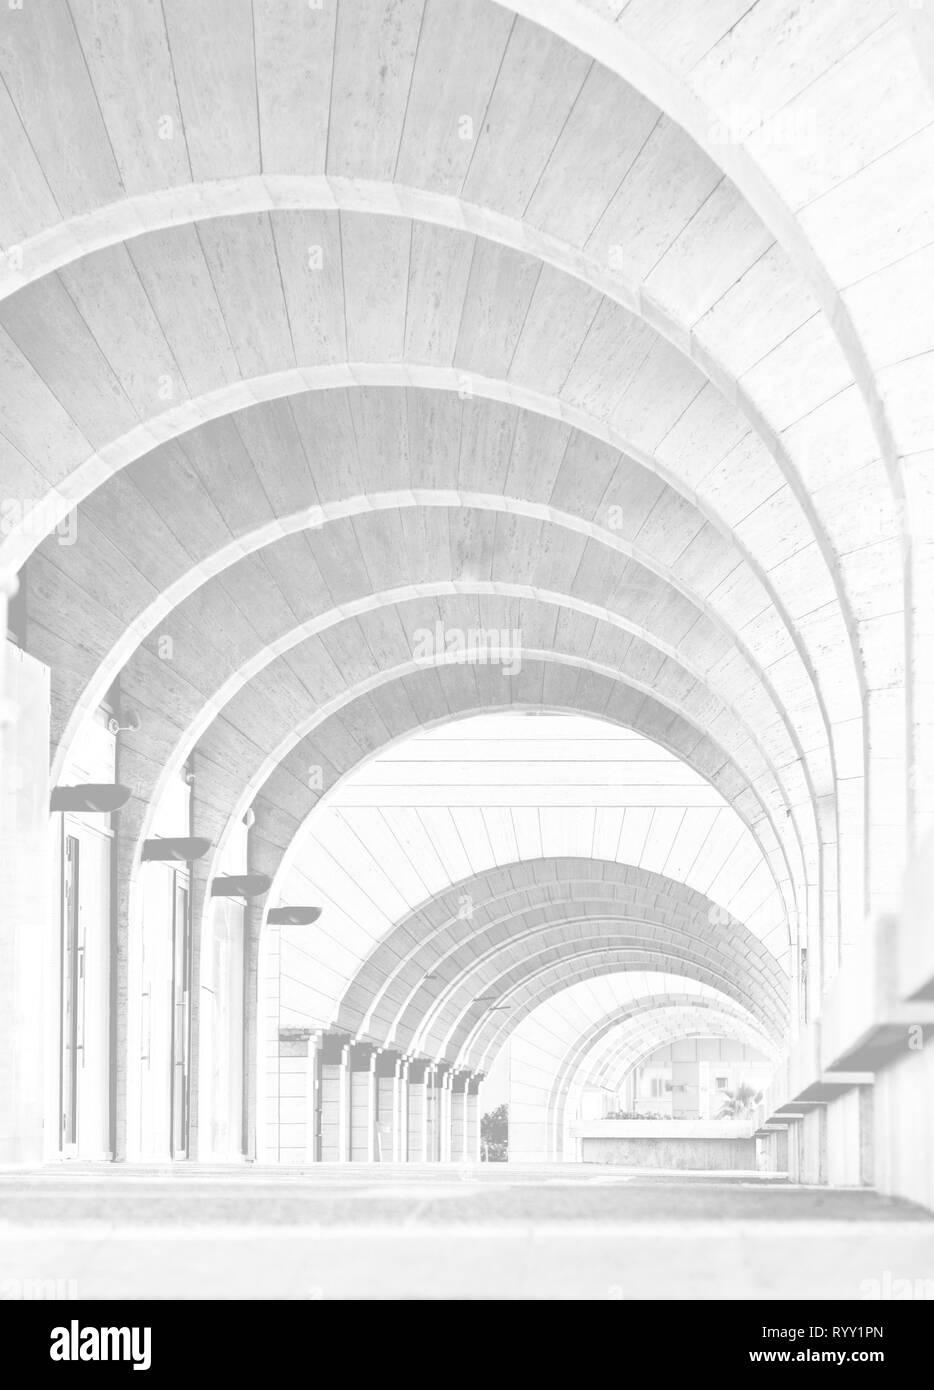 Tel Aviv, Israel - 28 de abril de 2018: la arquitectura contemporánea: Arcade Archway Edificio moderno,architecture photography Foto de stock